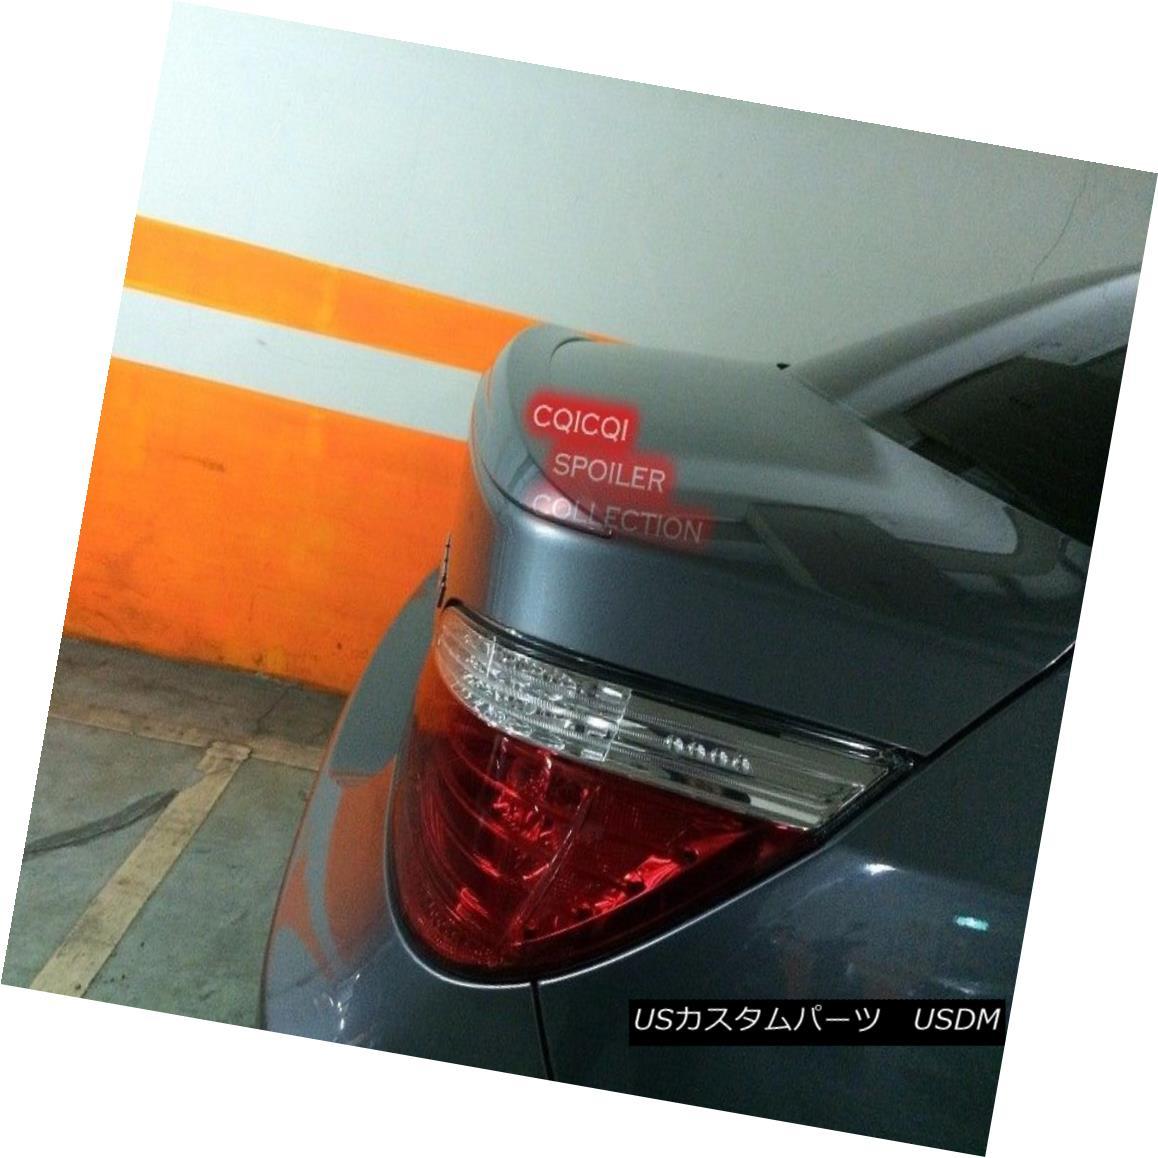 エアロパーツ Painted BMW 04-10 E60 5-series Sedan M5 type trunk spoiler color:354 Silver ◎ ペイントされたBMW 04-10 E60 5シリーズセダンM5タイプのトランクスポイラーの色:354シルバー?